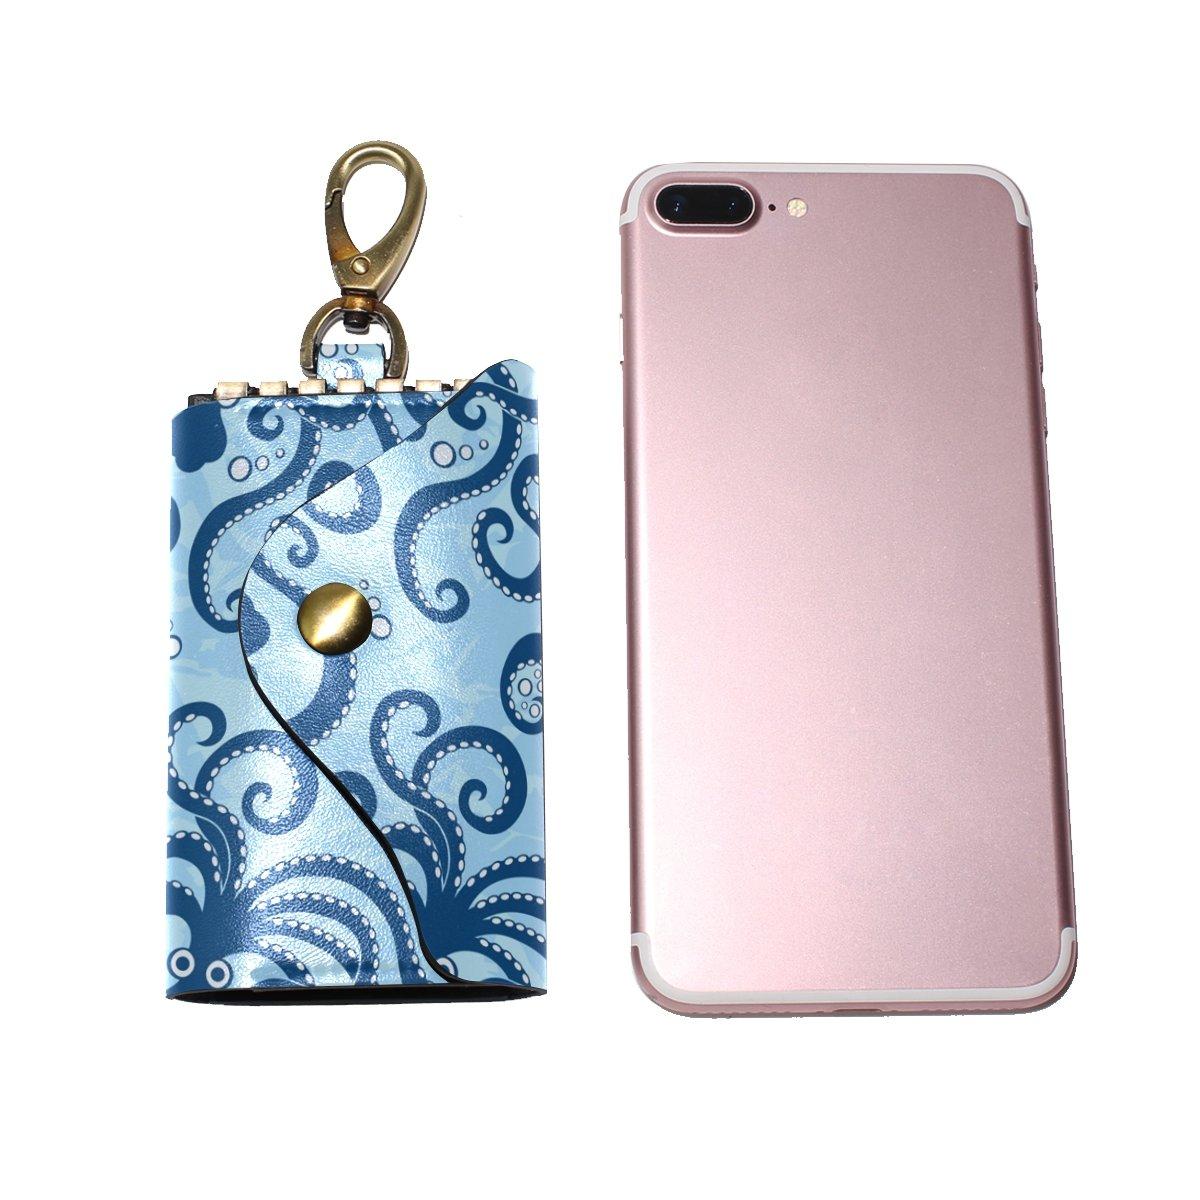 DEYYA Blue Sea Octopus Anima Leather Key Case Wallets Unisex Keychain Key Holder with 6 Hooks Snap Closure